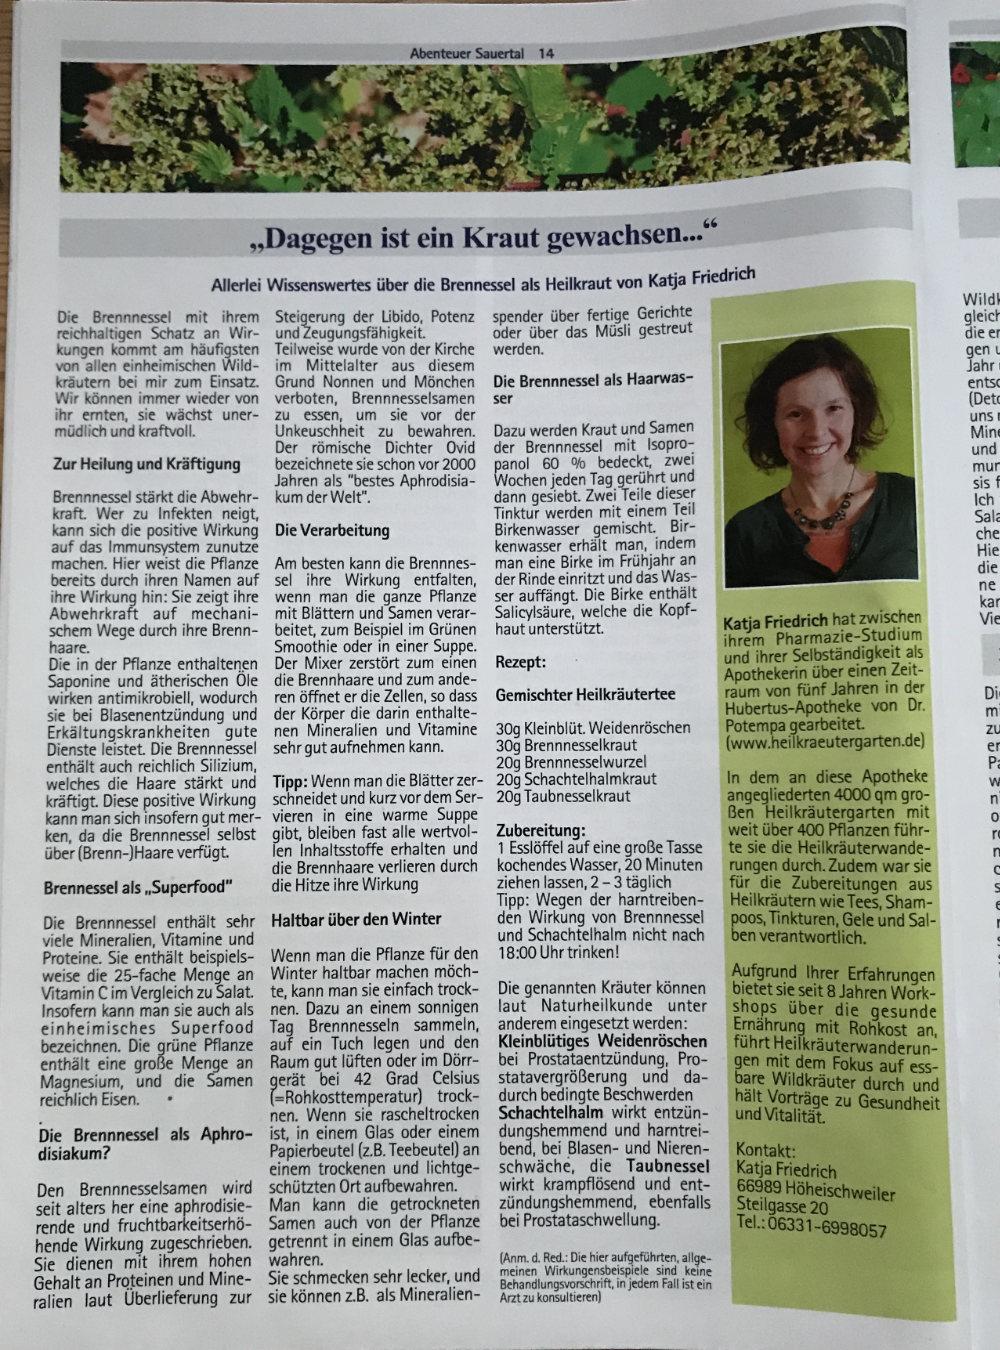 Abenteur Sauertal Katja Friedrich froh leben